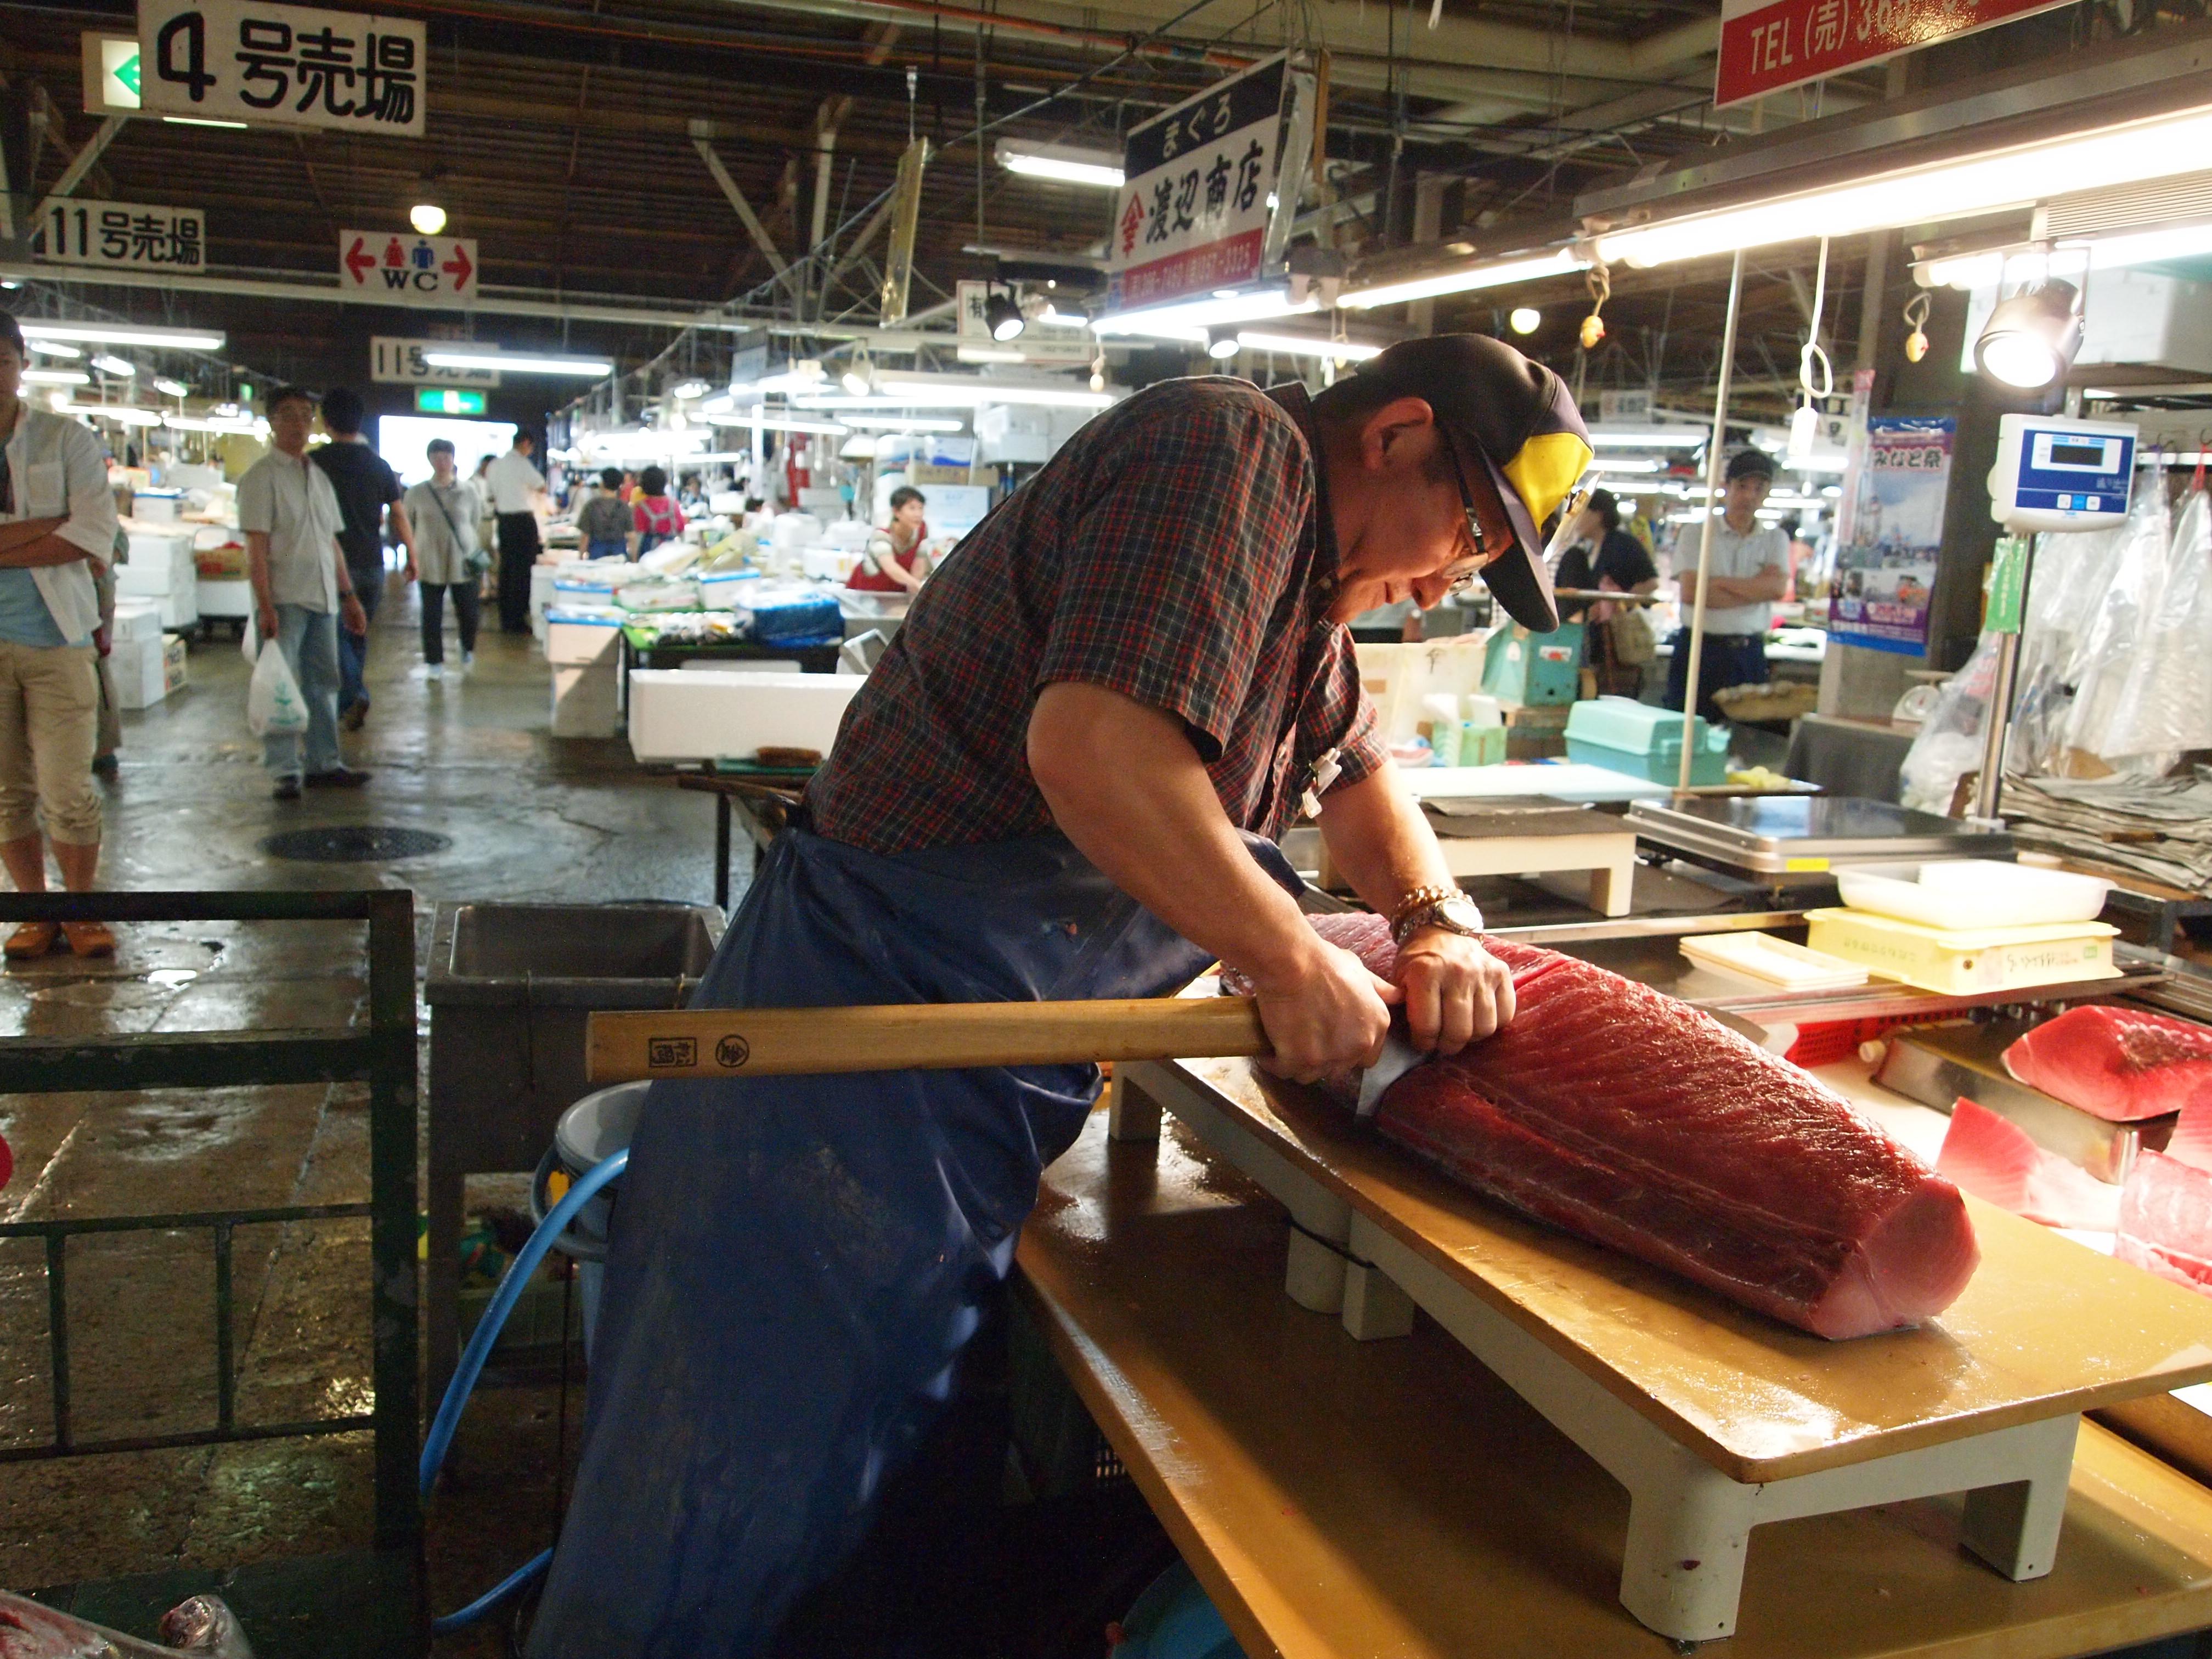 处理金枪鱼是一项非常吃力的动作。